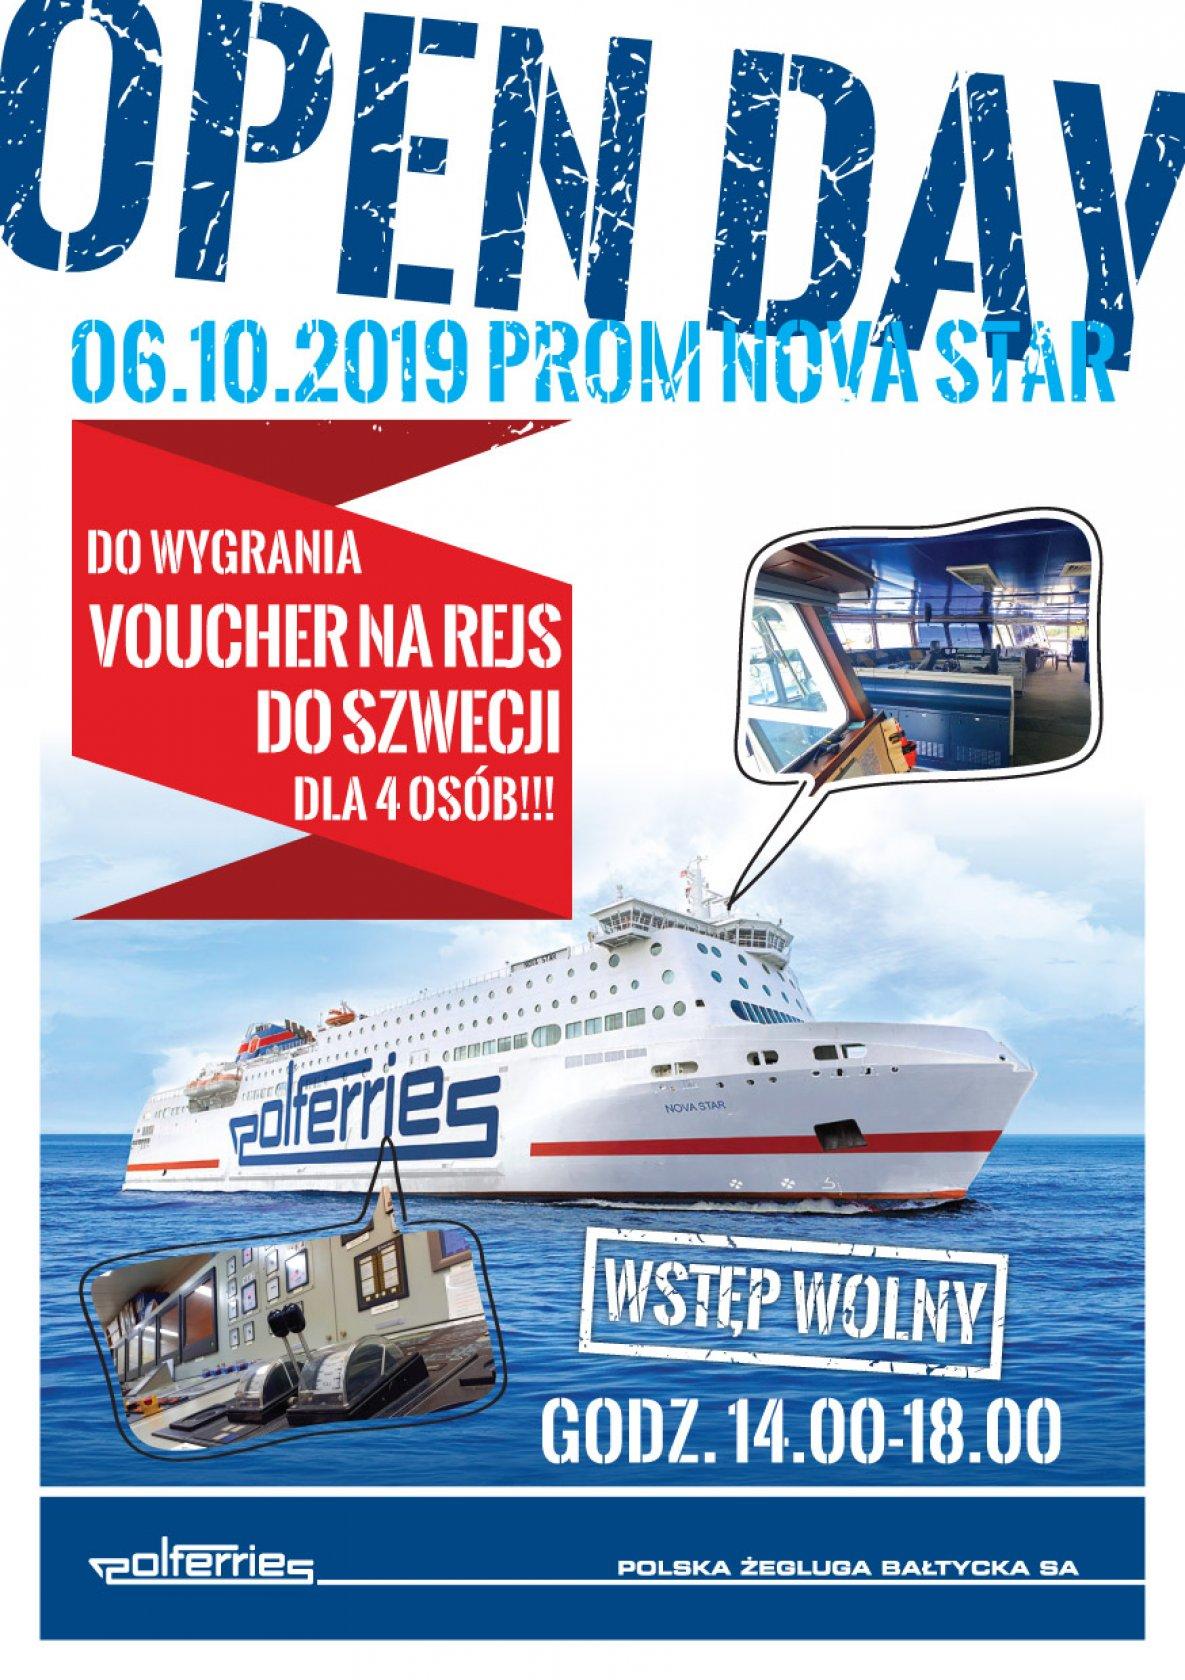 Dzień otwarty na promie NovaStar- 6.10.2019 Gdańsk- wstęp wolny